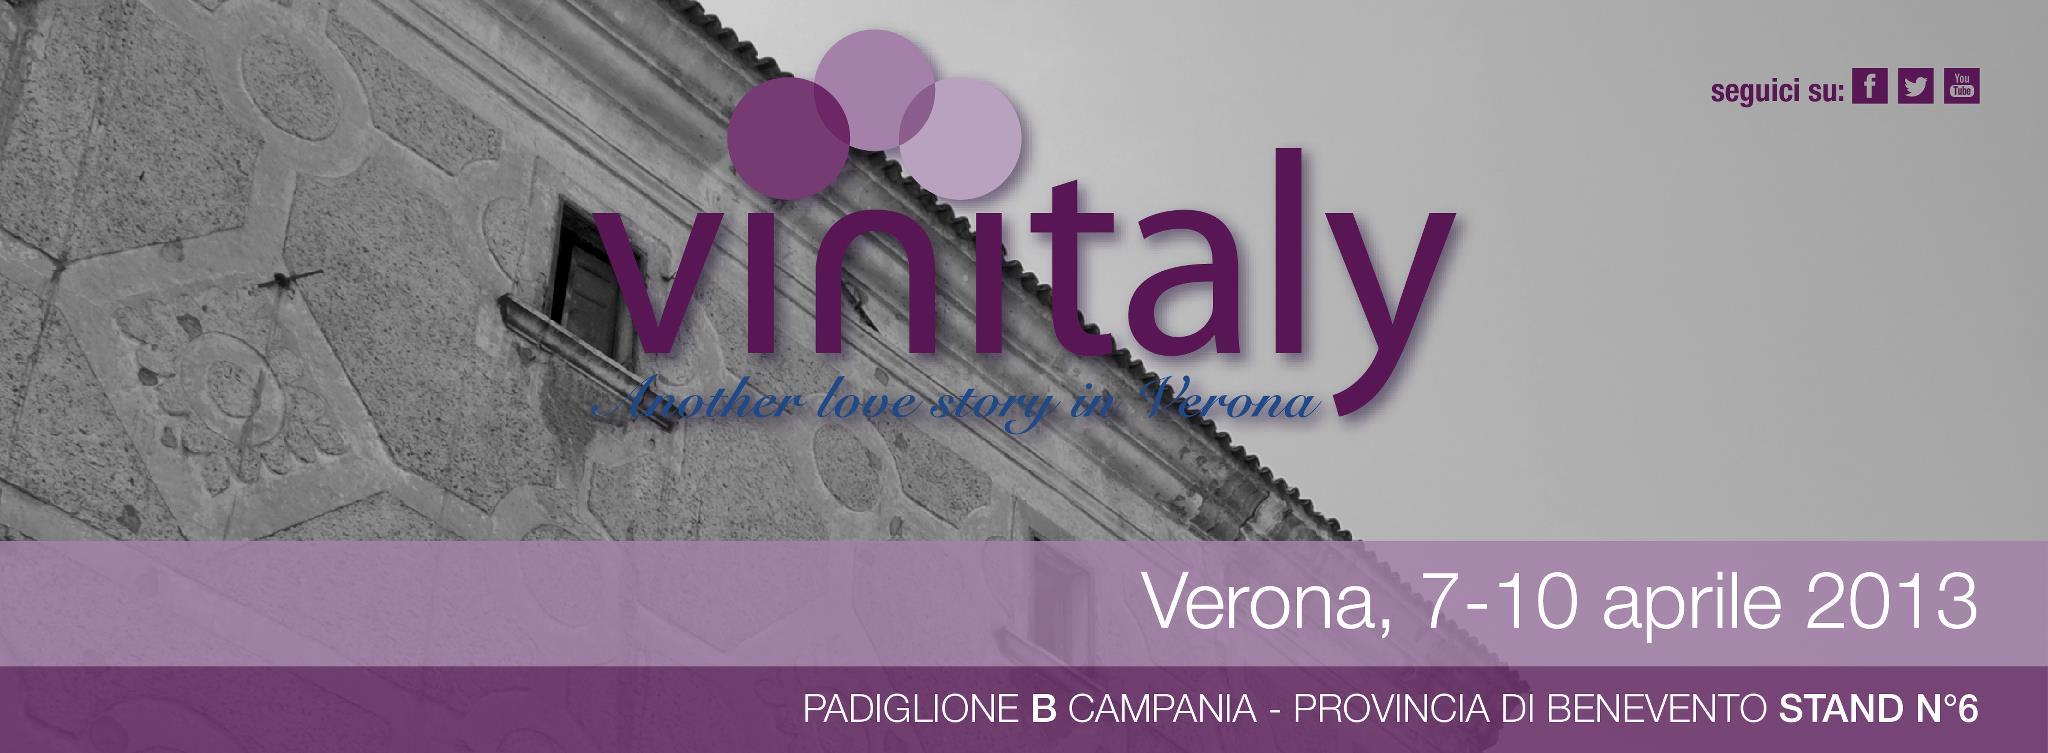 Vinitaly 2013 dal 7 al 10 Aprile 2013